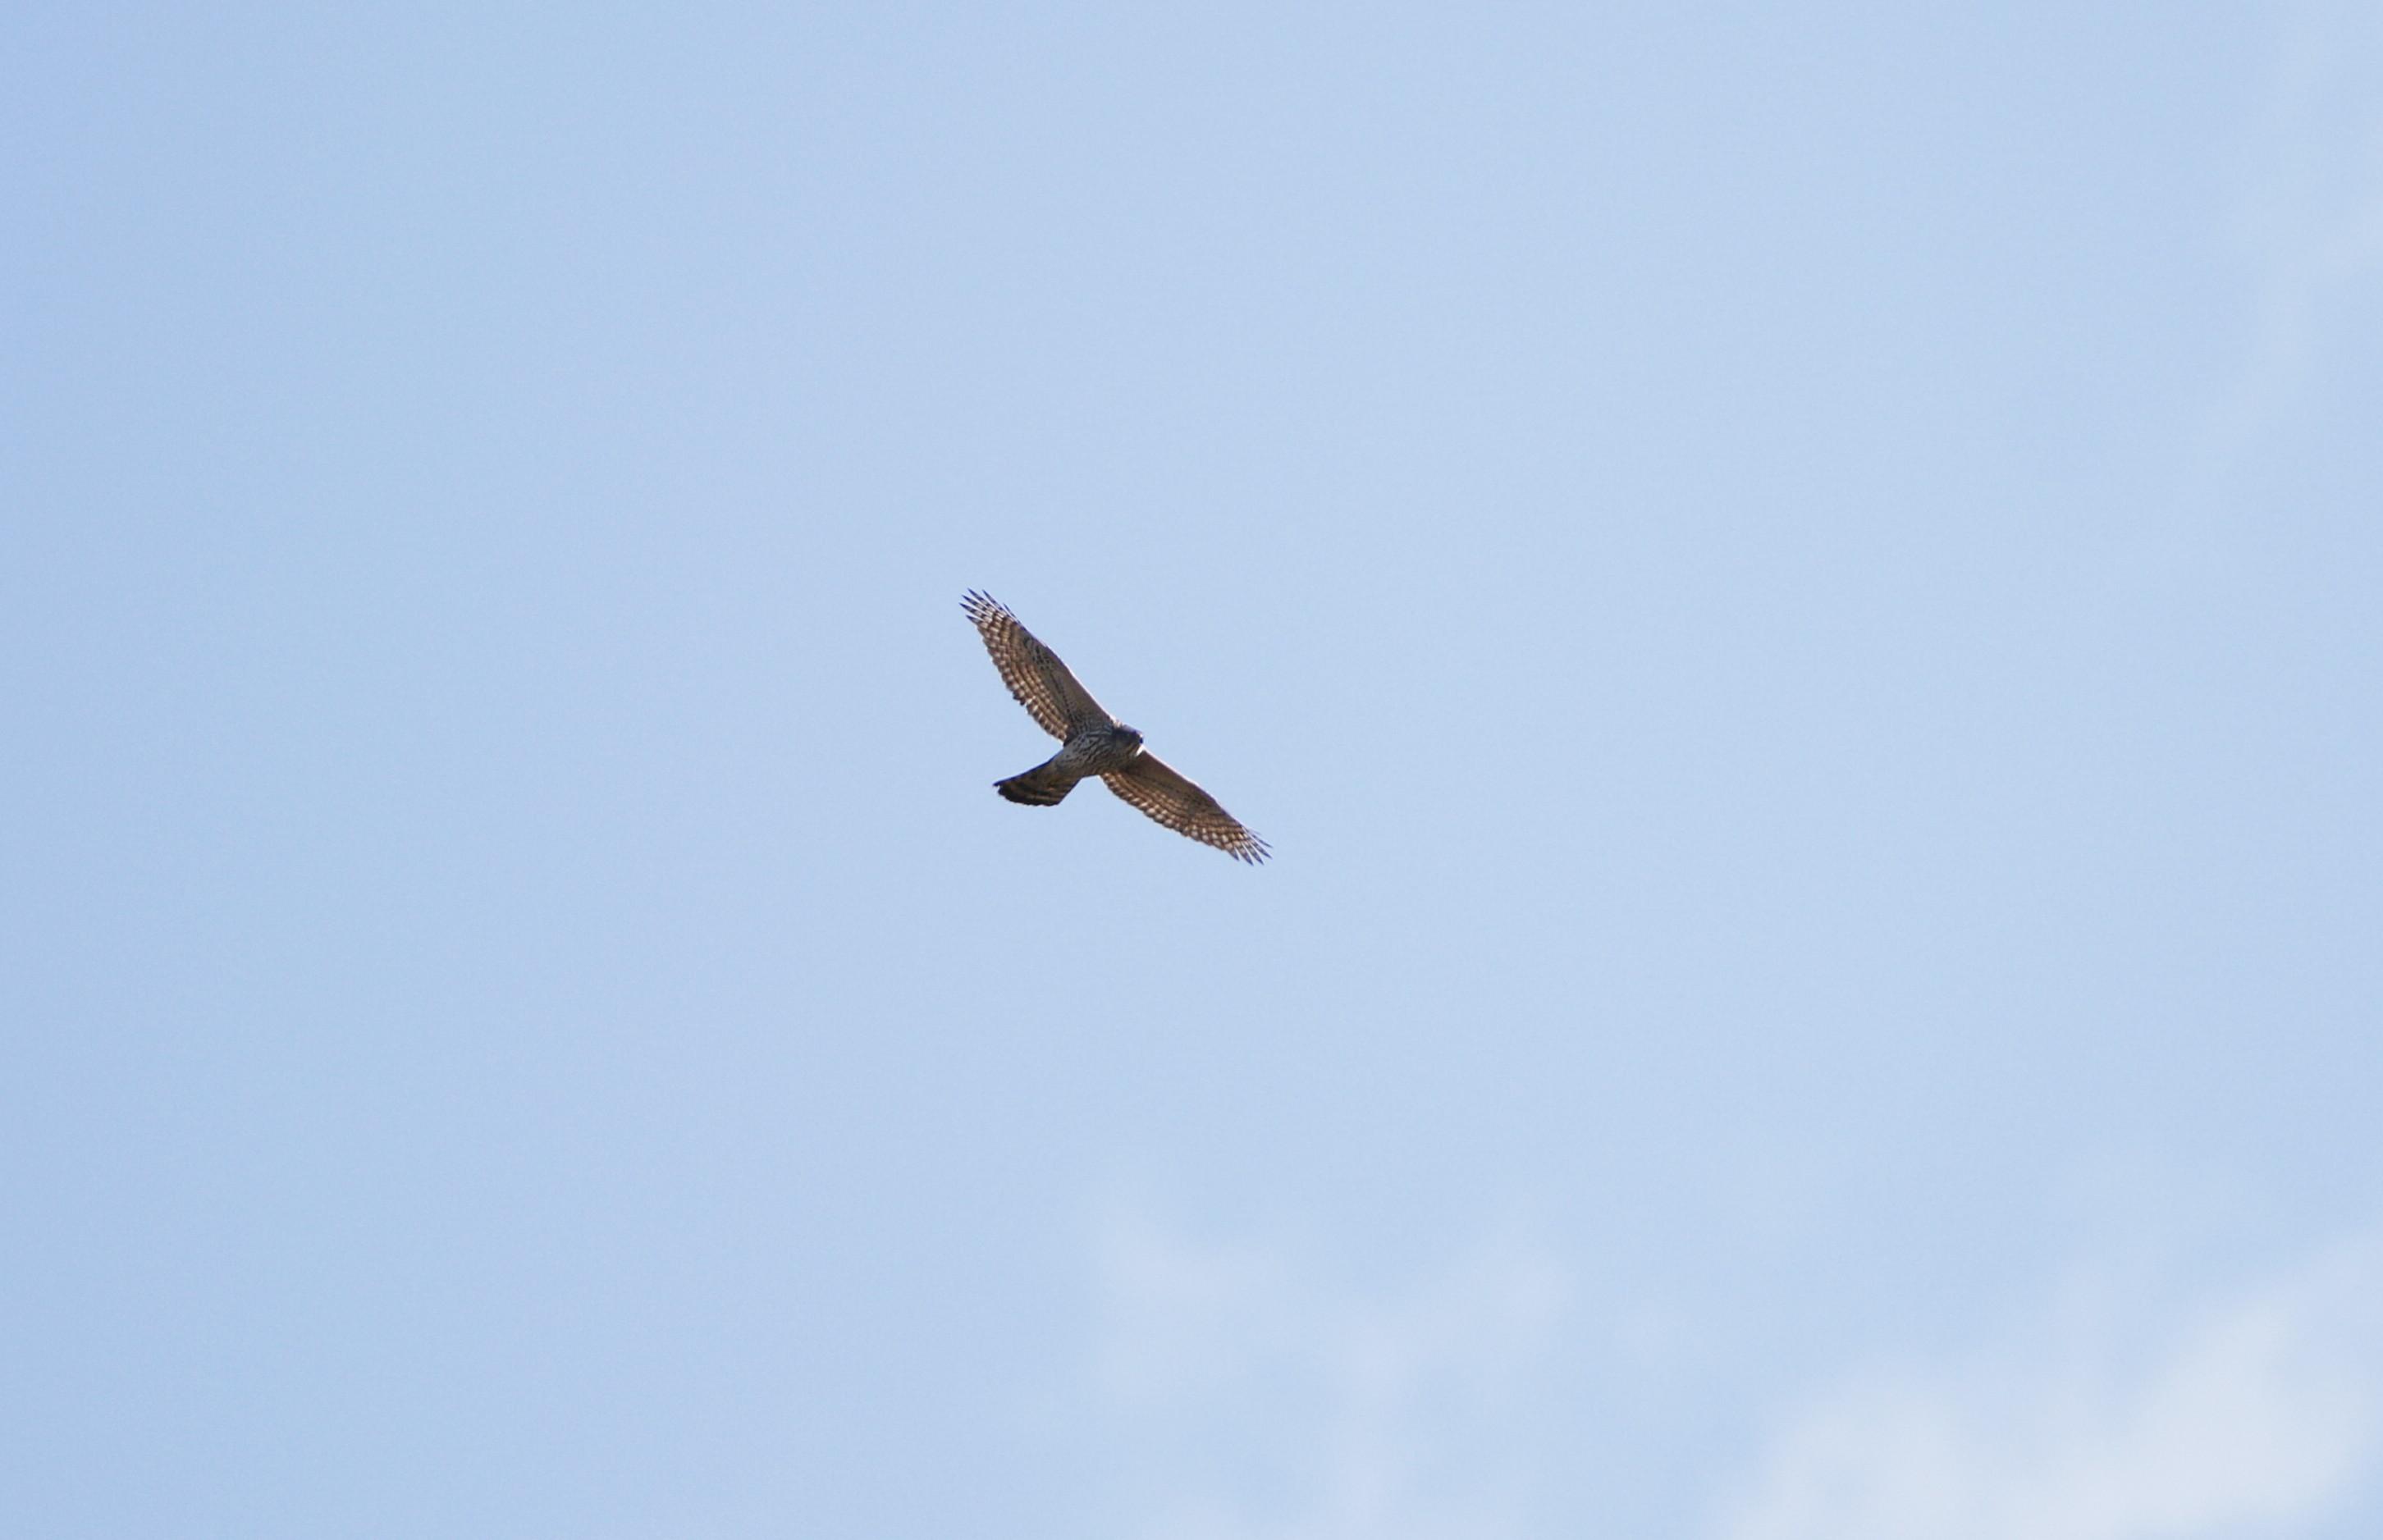 ミサゴ狙いも、飛ばない日は何を撮る_f0239515_215346.jpg